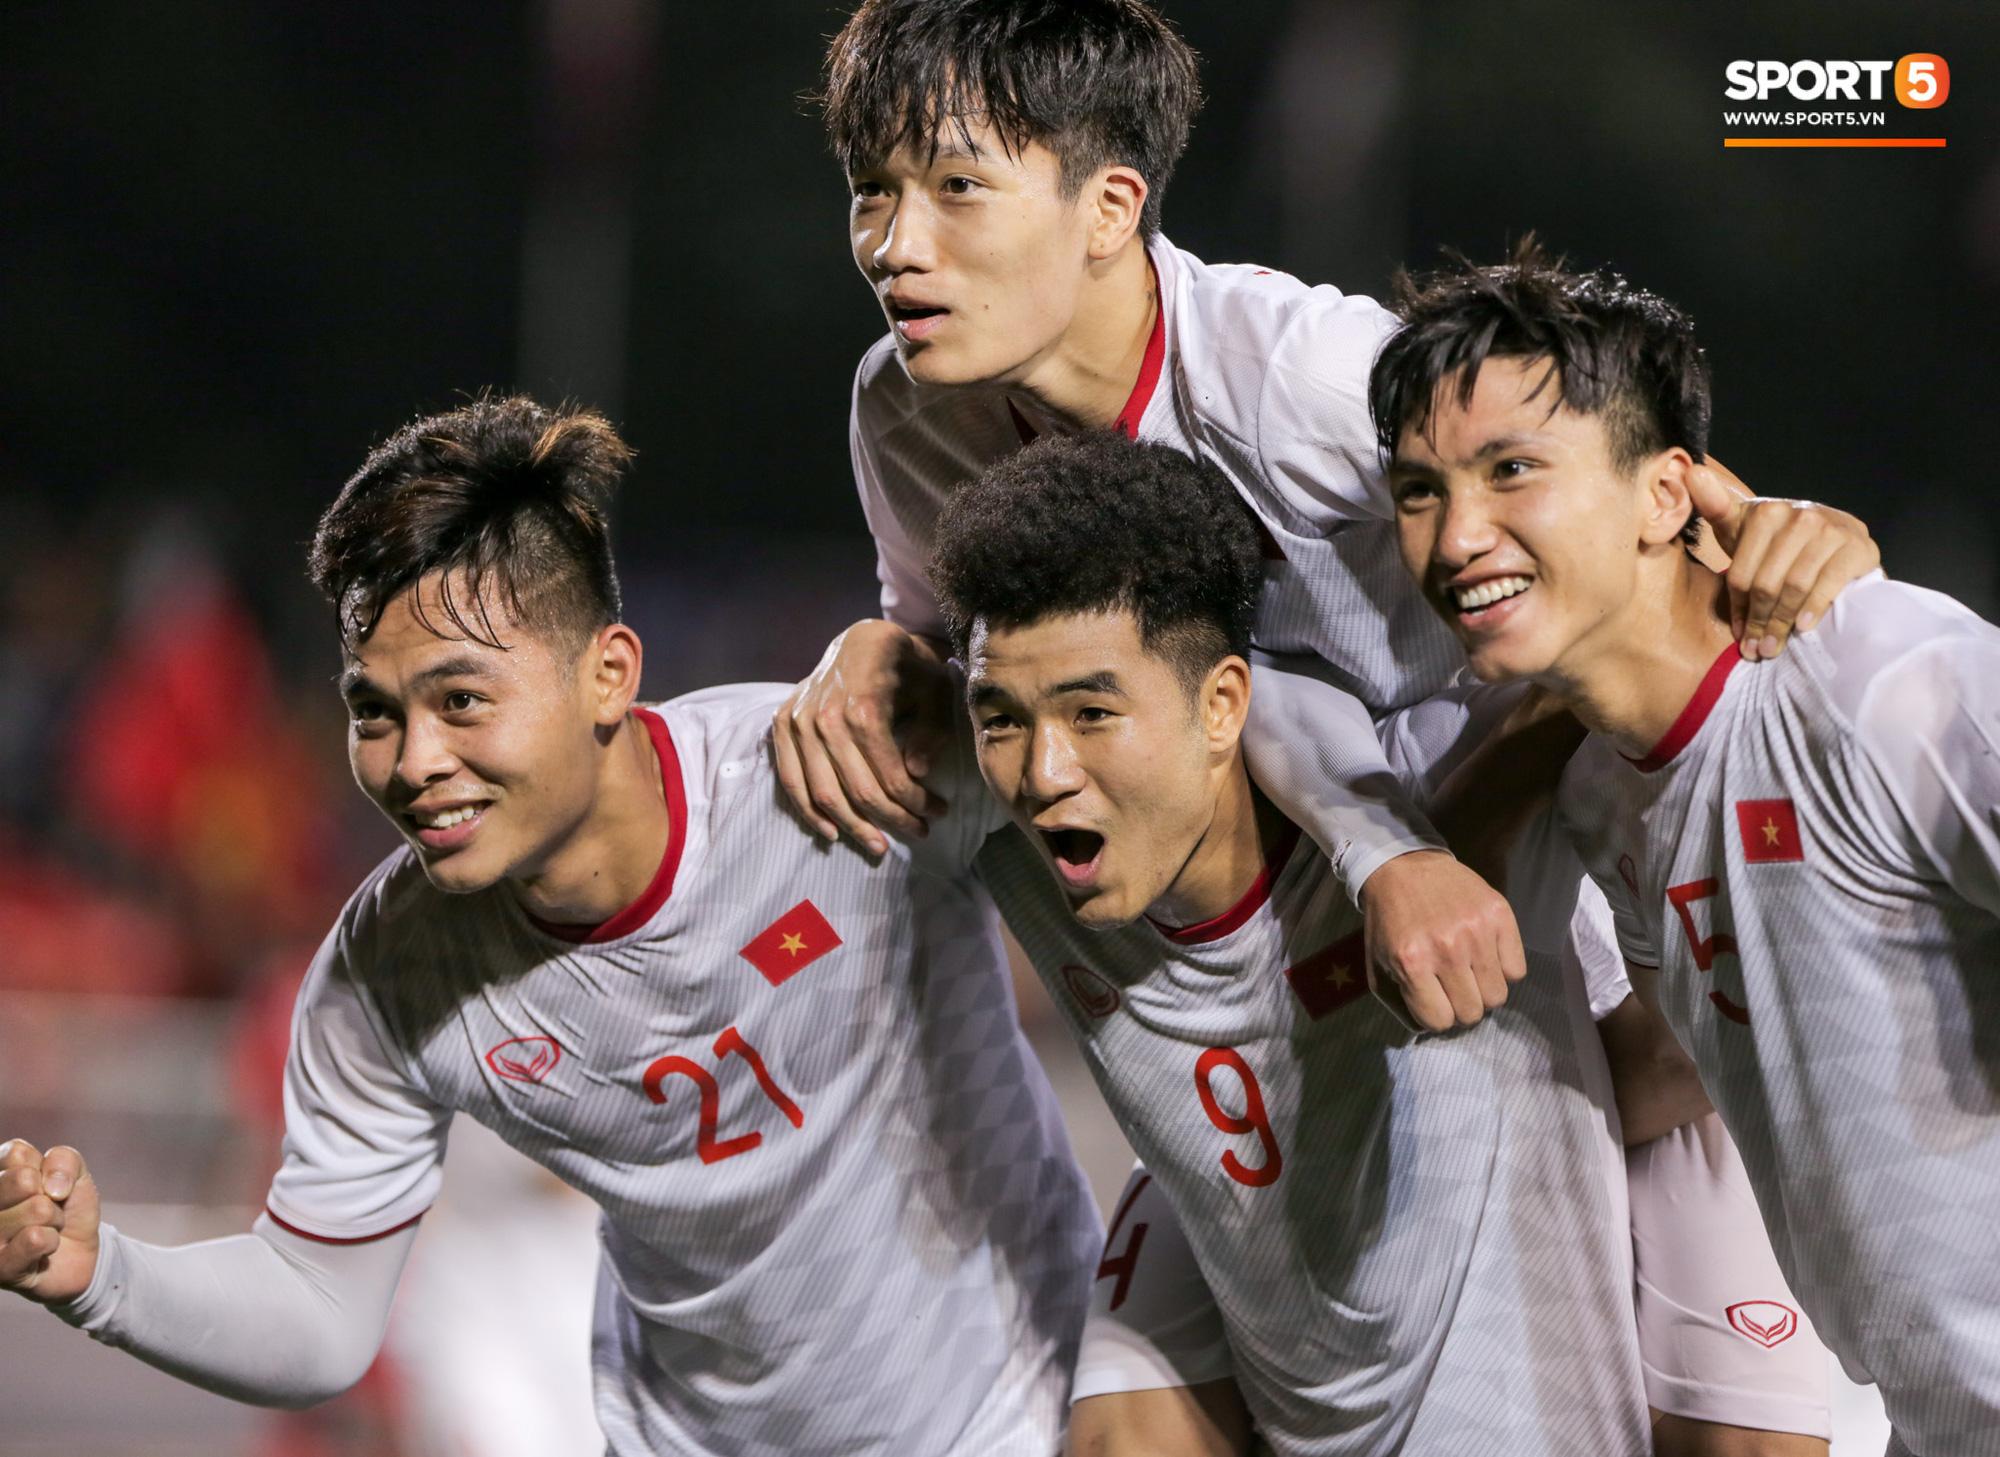 Khoảnh khắc không có trên tivi: HLV Park Hang-seo tung ánh mắt hình viên đạn về phía trọng tài chính sau trận thắng của Việt Nam - Ảnh 8.